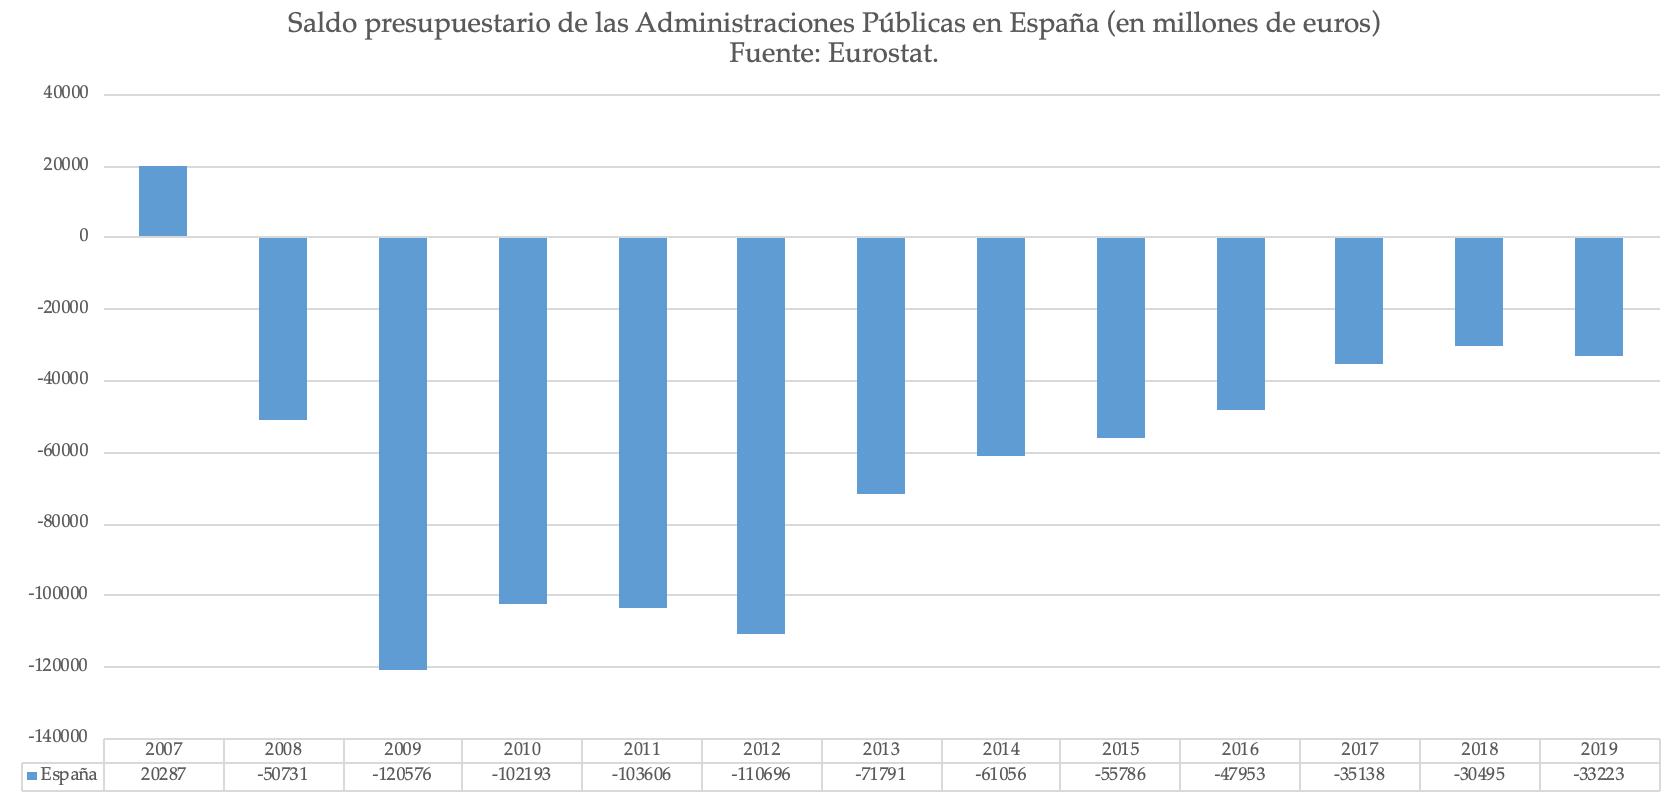 1-deficit-publico-espana.png